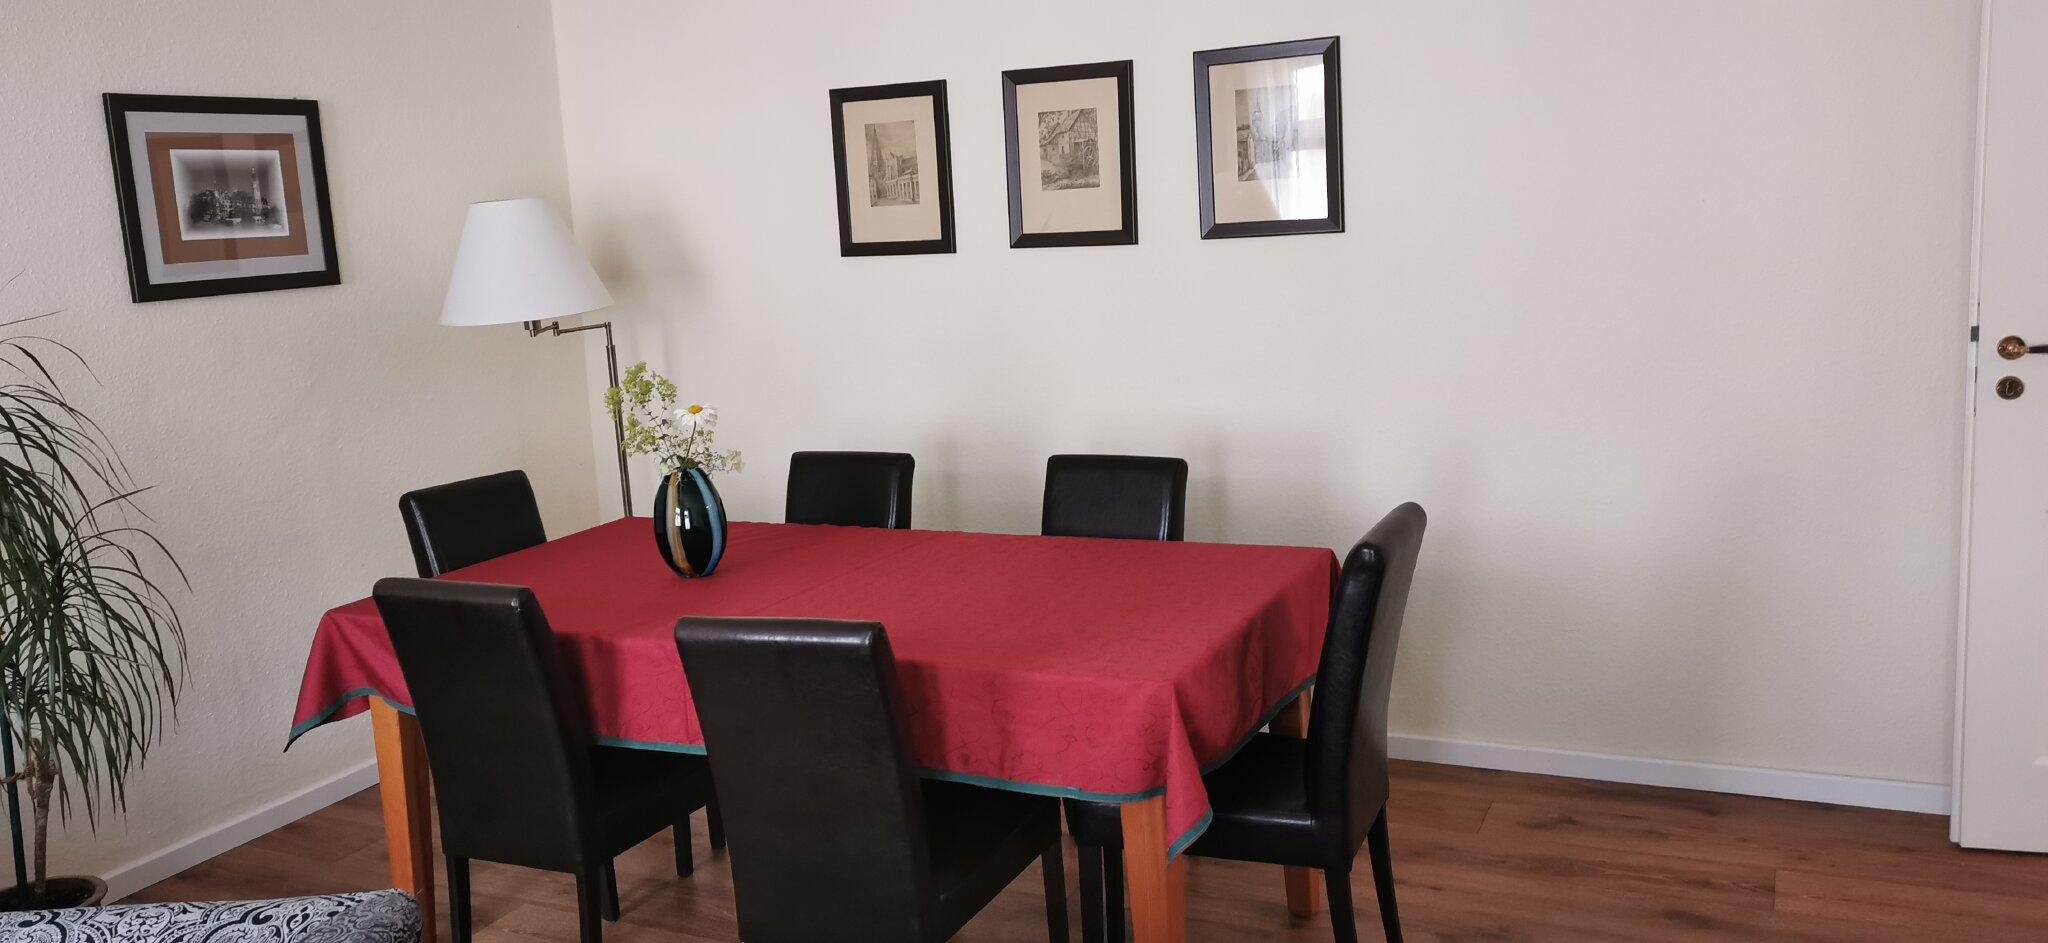 Eßplatz im Wohnzimmer